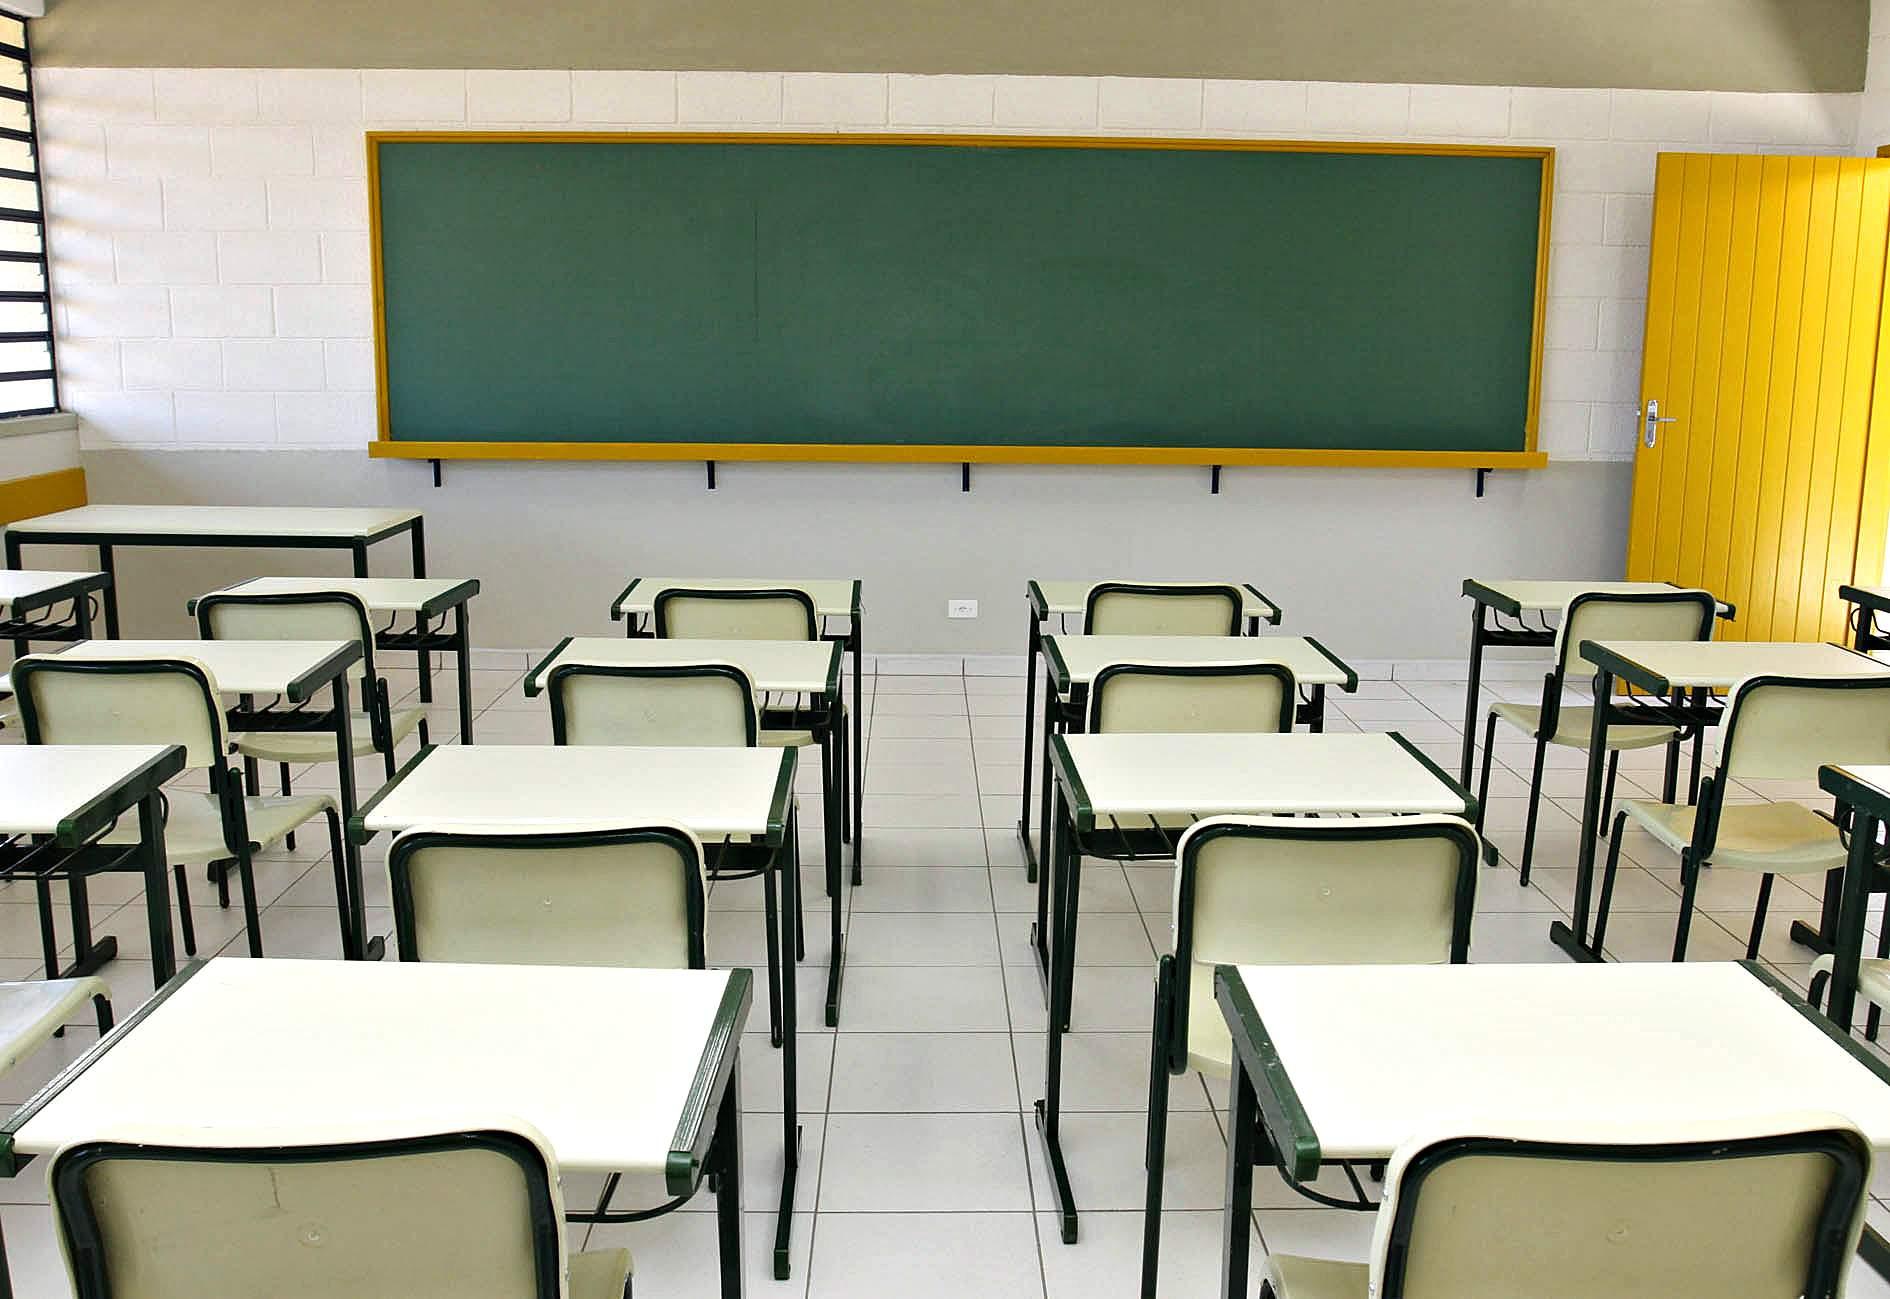 Aulas suspensas em 11 escolas de Cariacica nesta quinta-feira. Veja a lista! - Jornal Folha Vitória